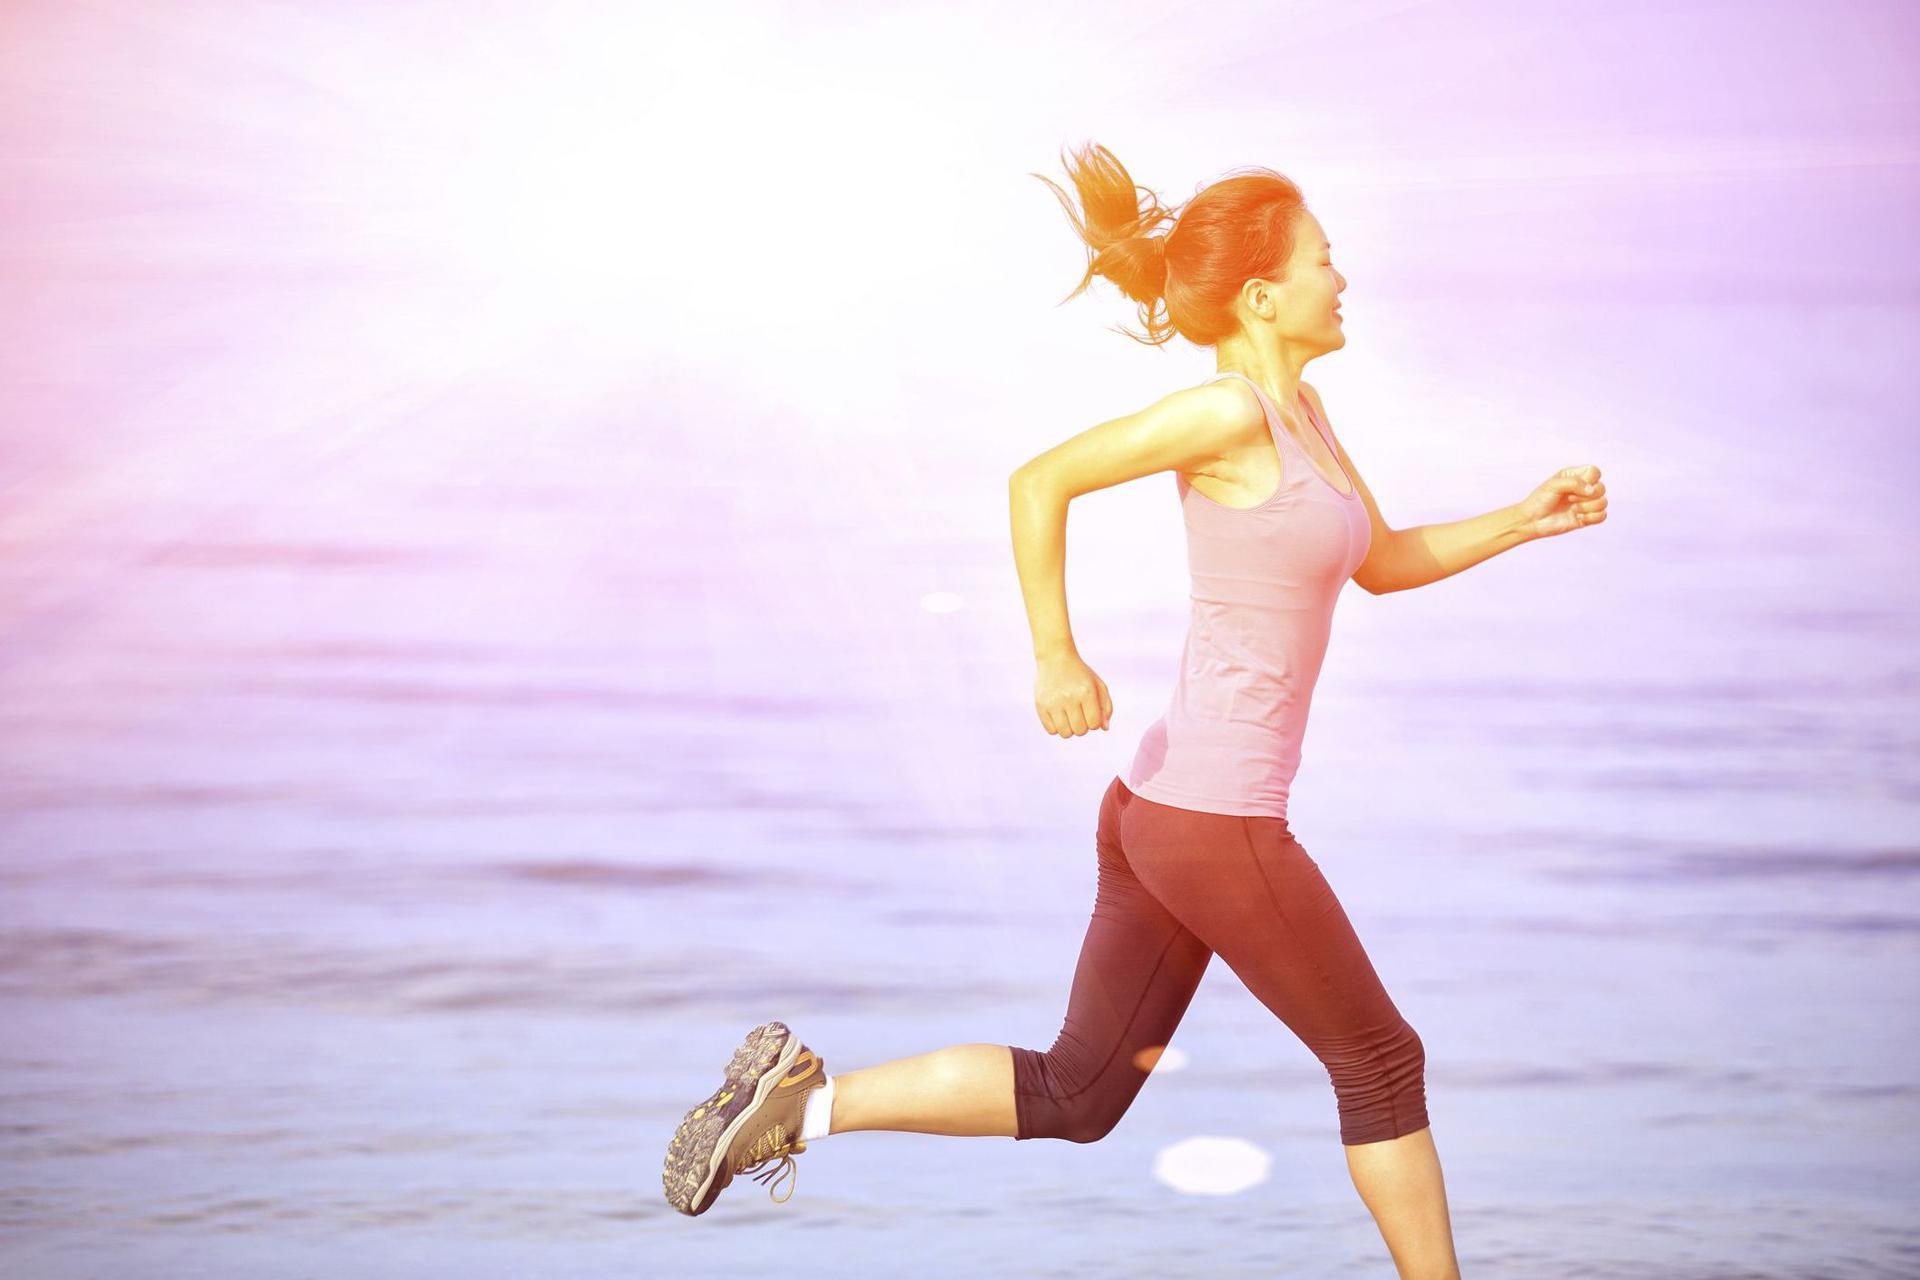 Efekty Uprawiania Joggingu Zobacz Dlaczego Warto Uprawiac Jogging Wformie24 Pl